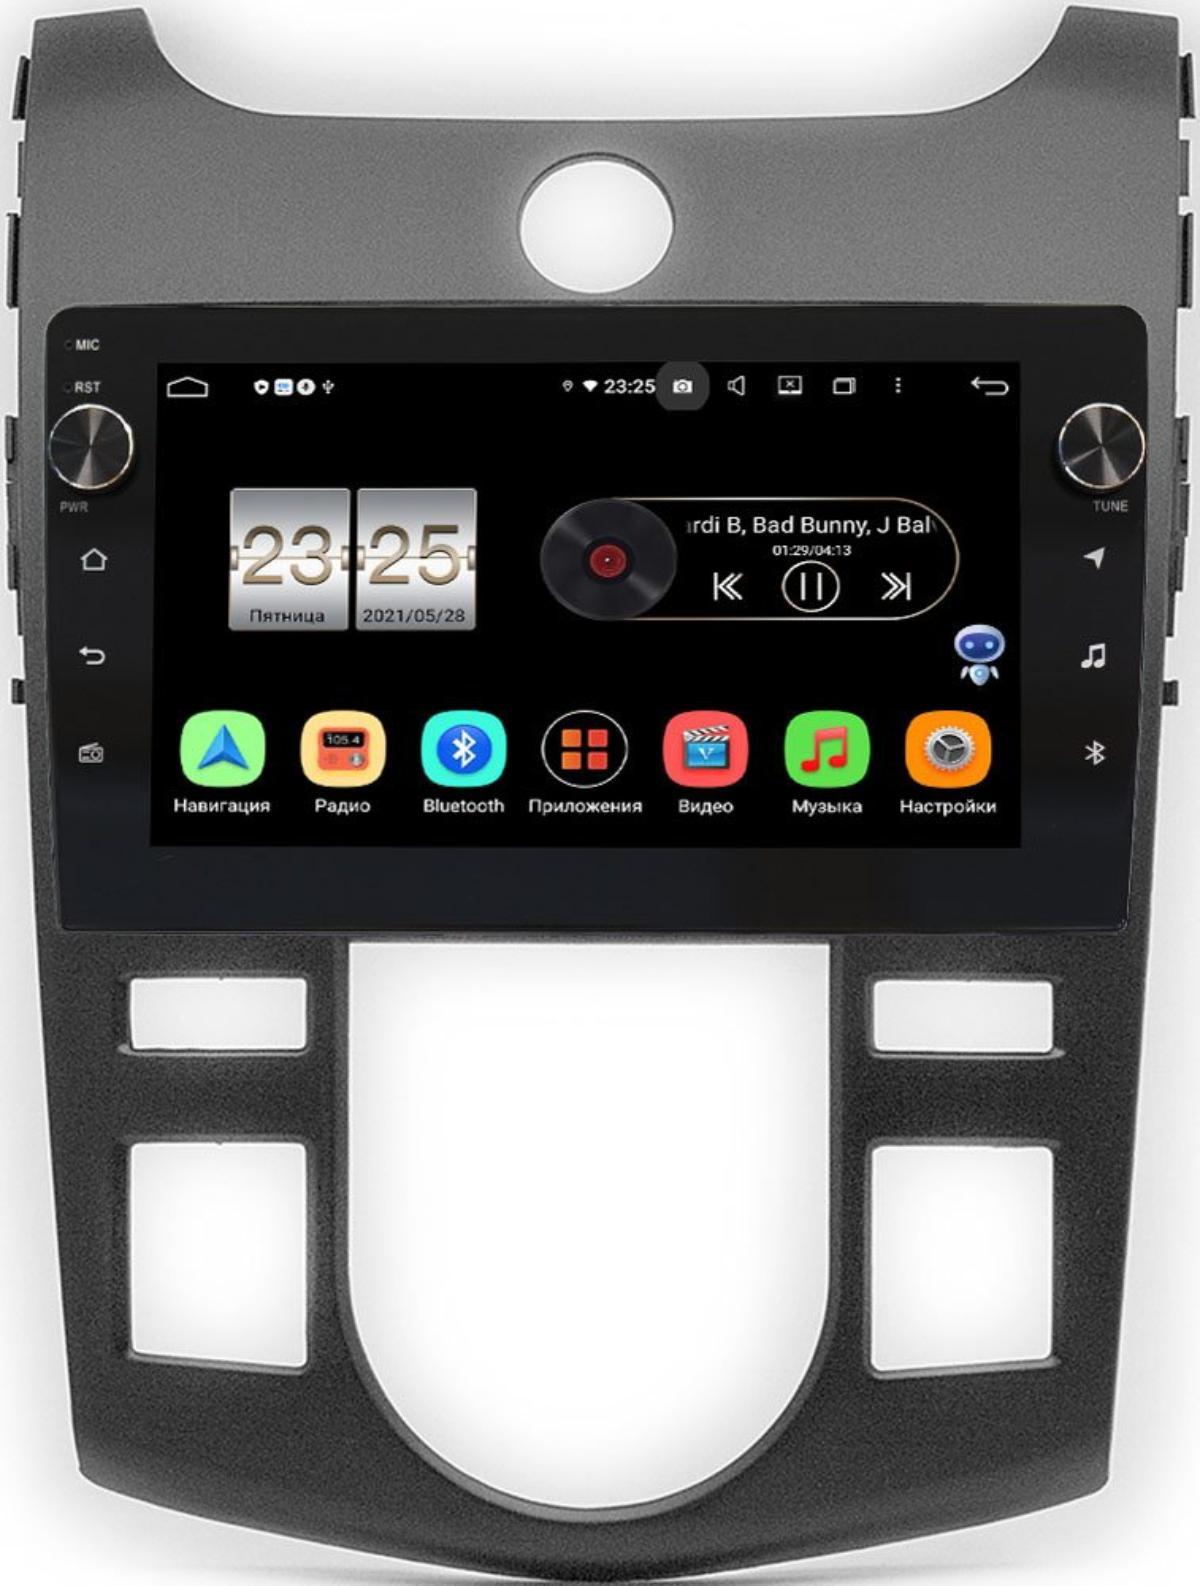 Штатная магнитола Kia Cerato II 2009-2013 (черный) LeTrun BPX409-413 для авто с климатом (тип 1) на Android 10 (4/32, DSP, IPS, с голосовым ассистентом, с крутилками) (+ Камера заднего вида в подарок!)